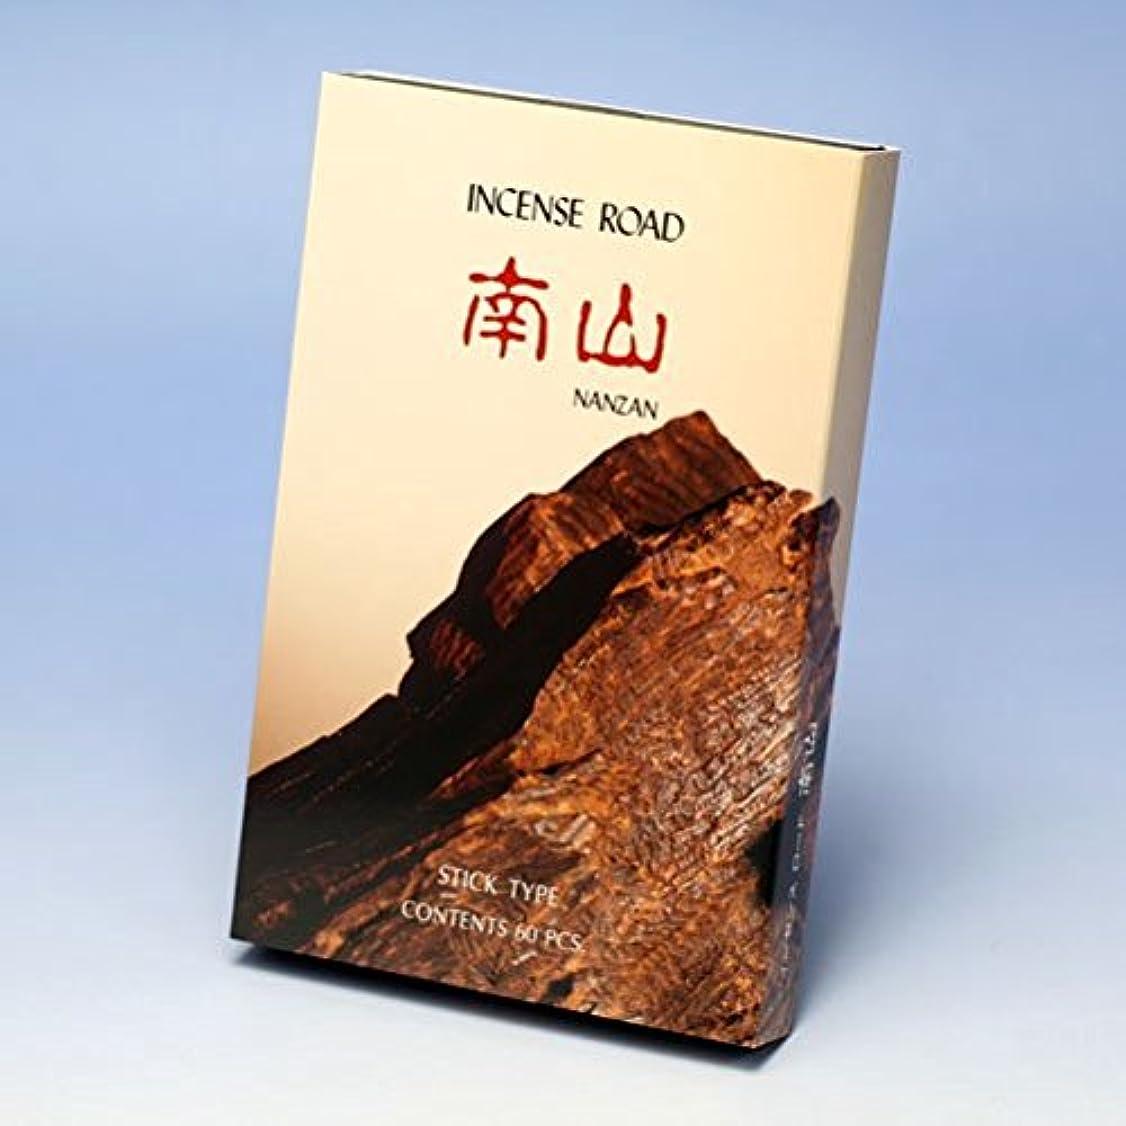 芽ピルタイト松栄堂 インセンスロード 南山 スティック60本入